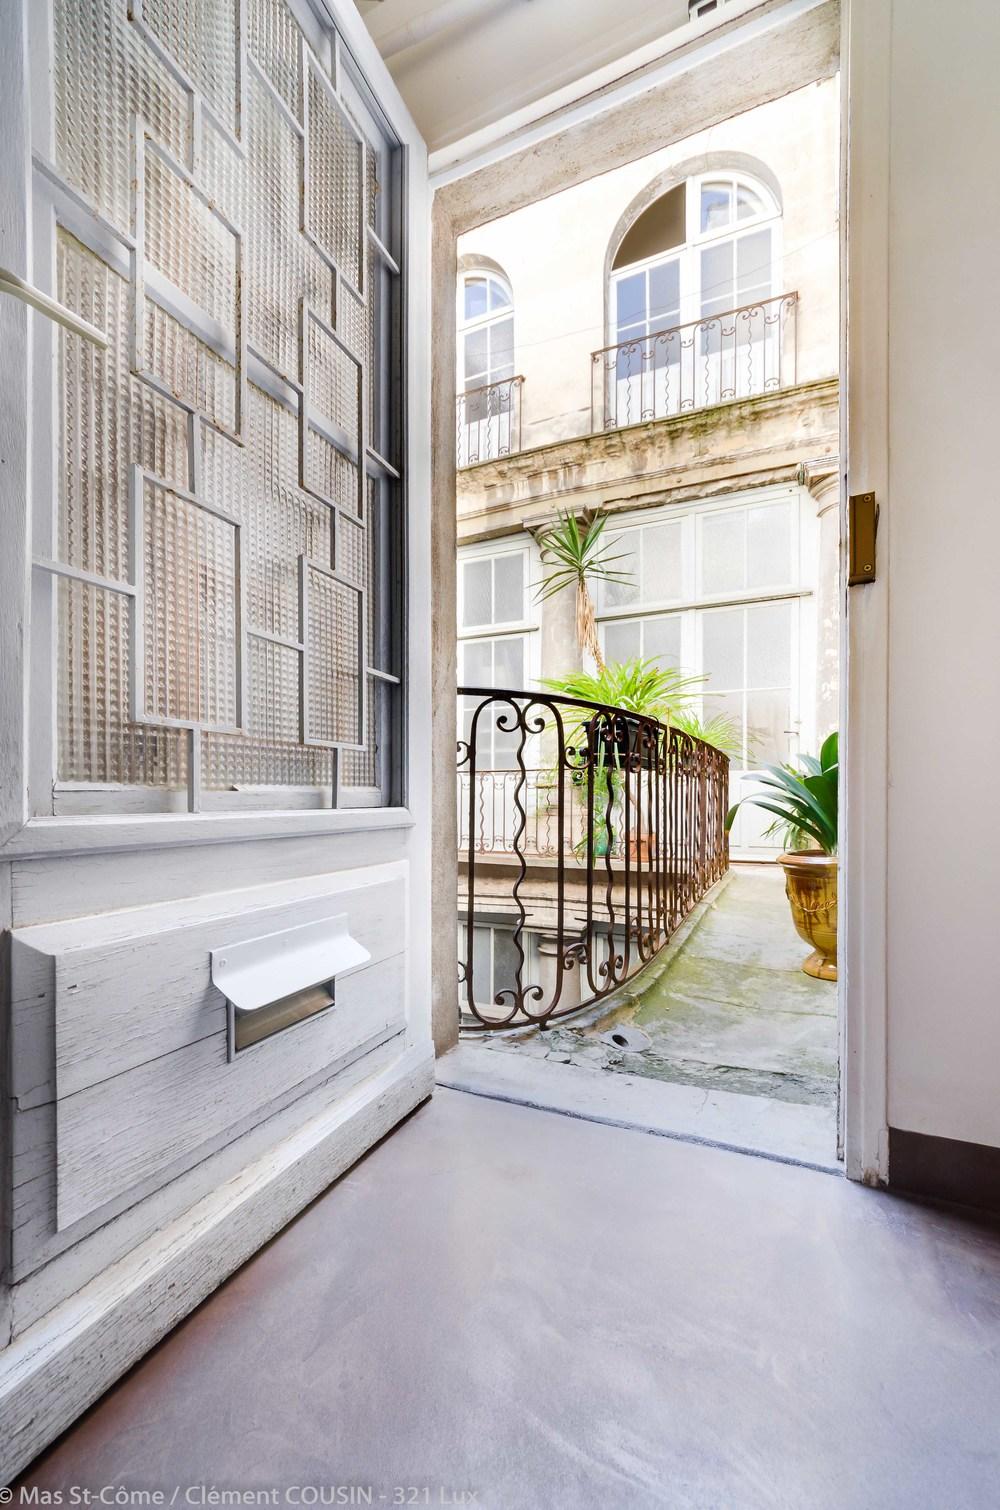 321 Lux-Mas st come-Appt-2 rue des etuves-12.jpg